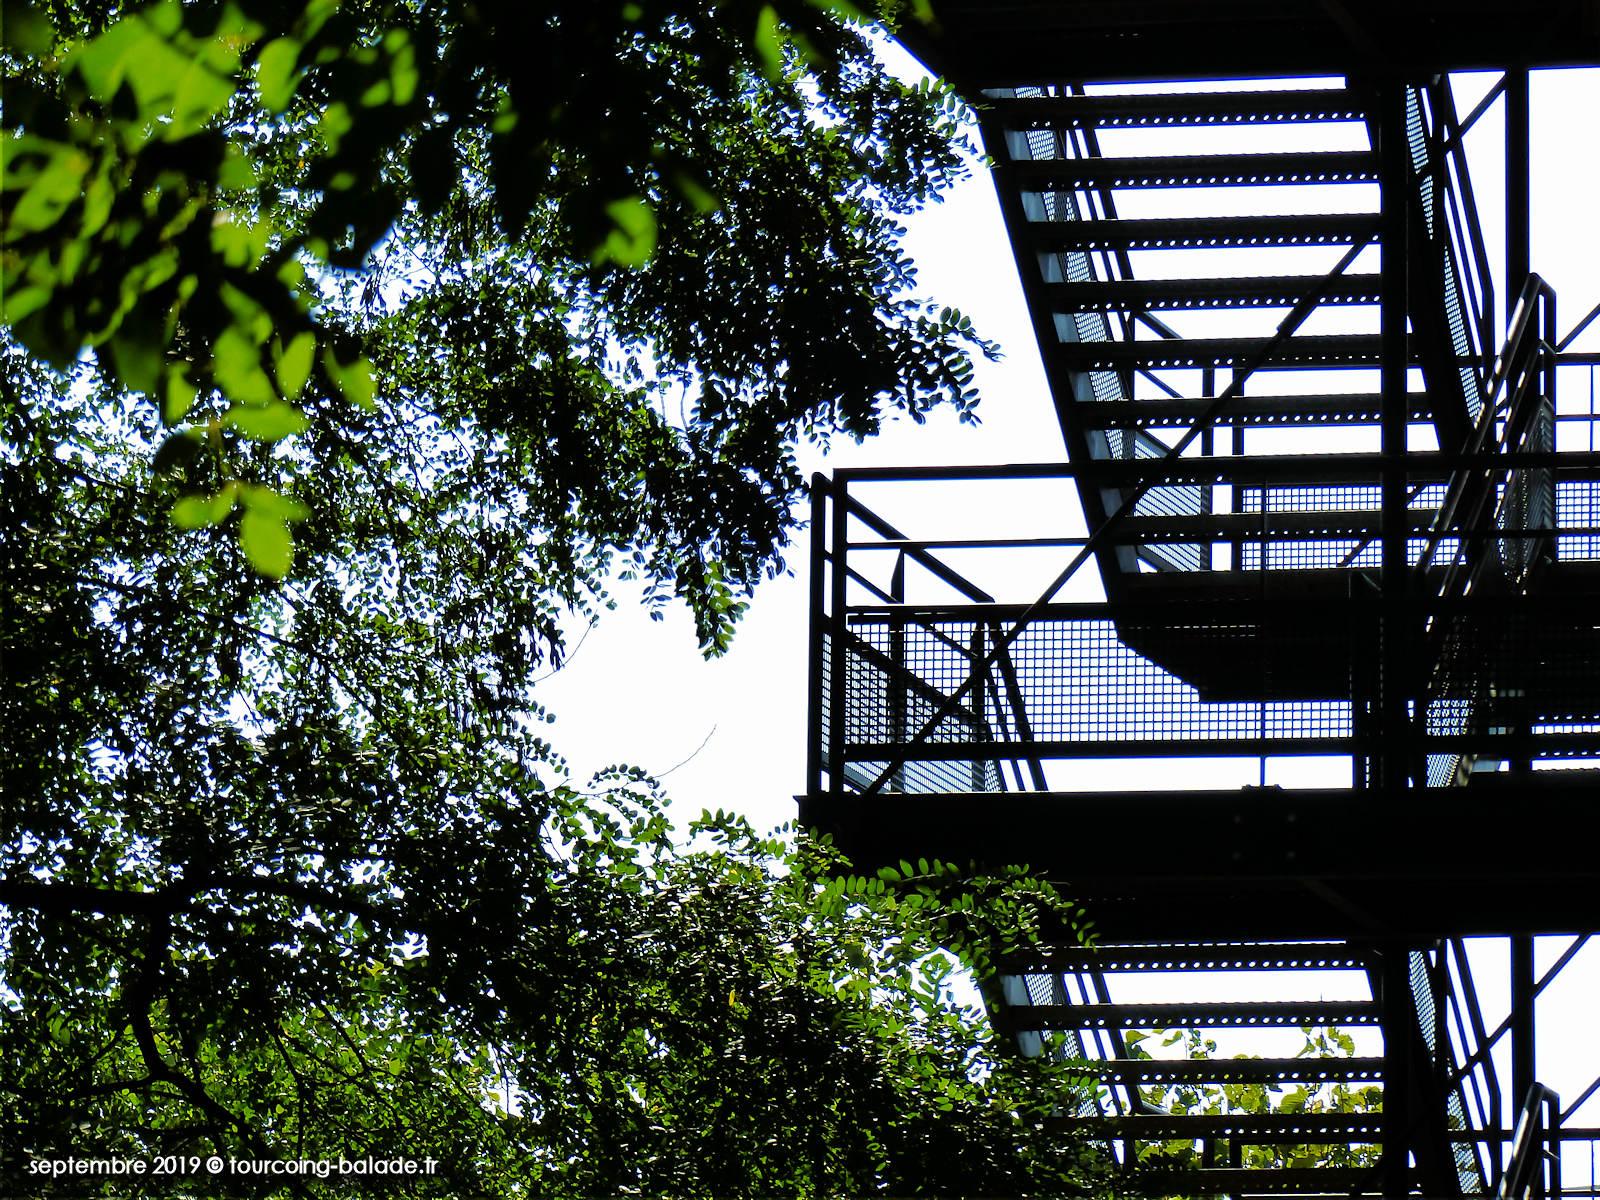 Escaliers Secours EHPAD Acacias Tourcoing 2019